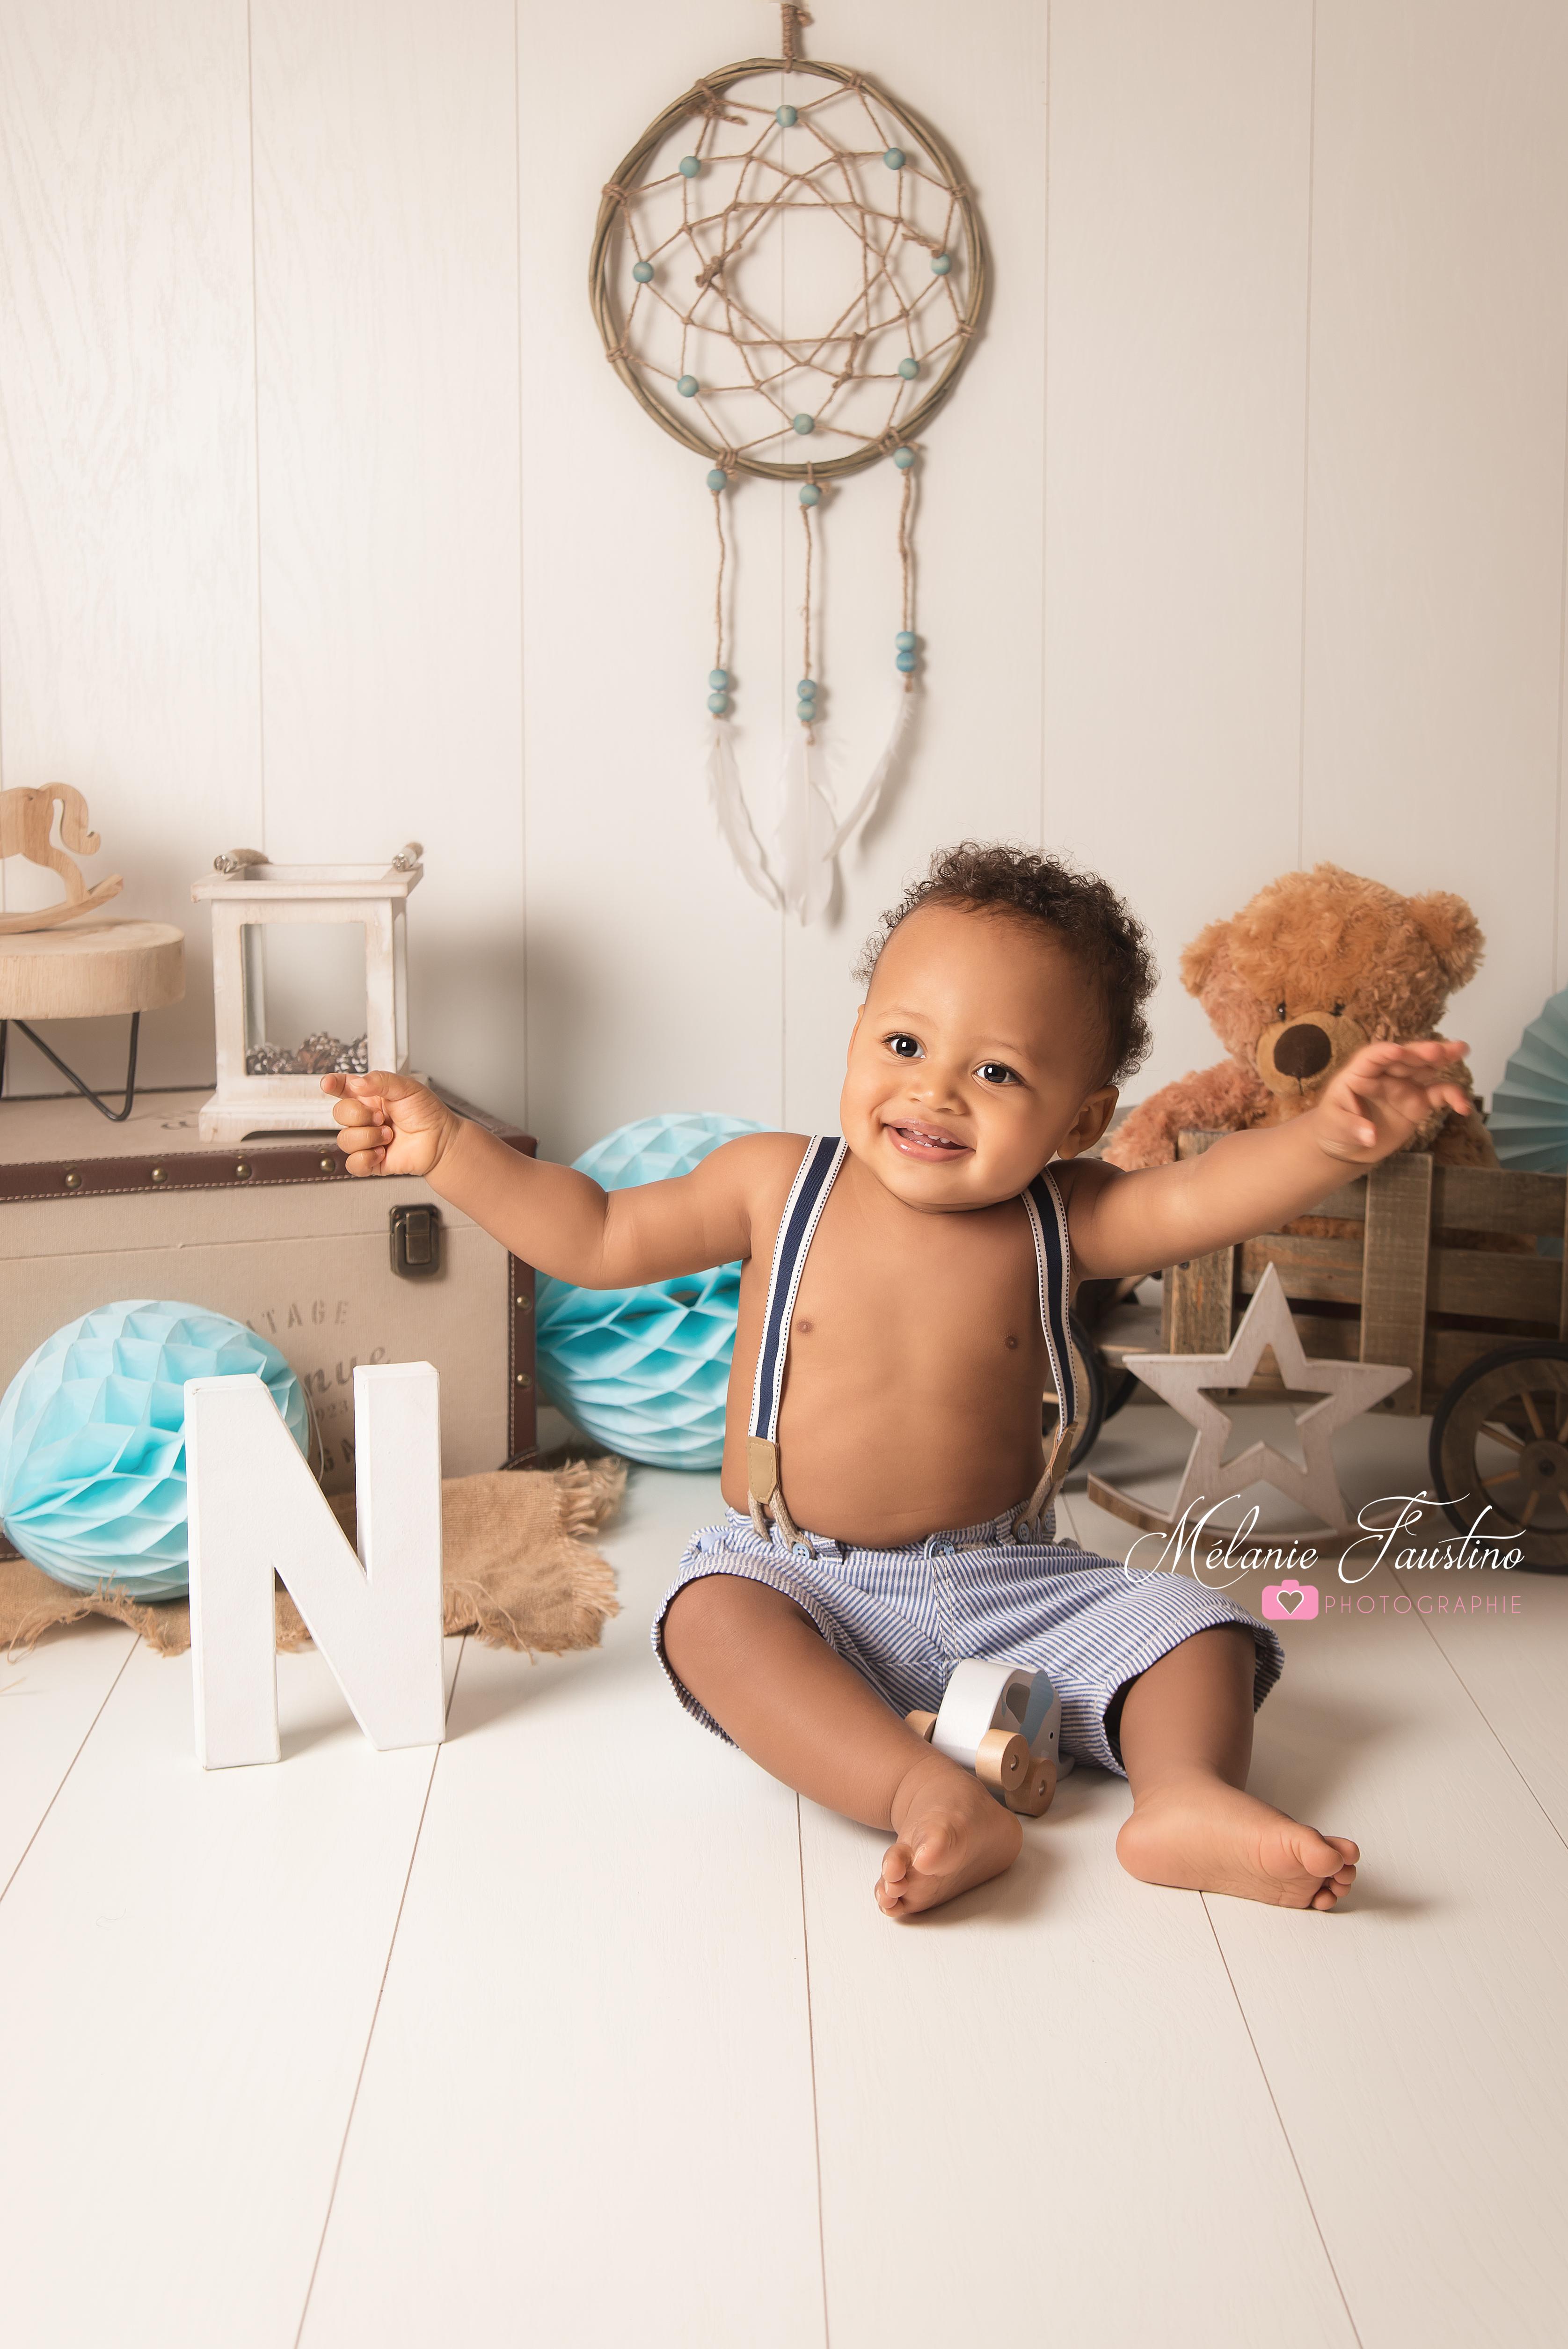 photographe bébé 77 94 91 92 78